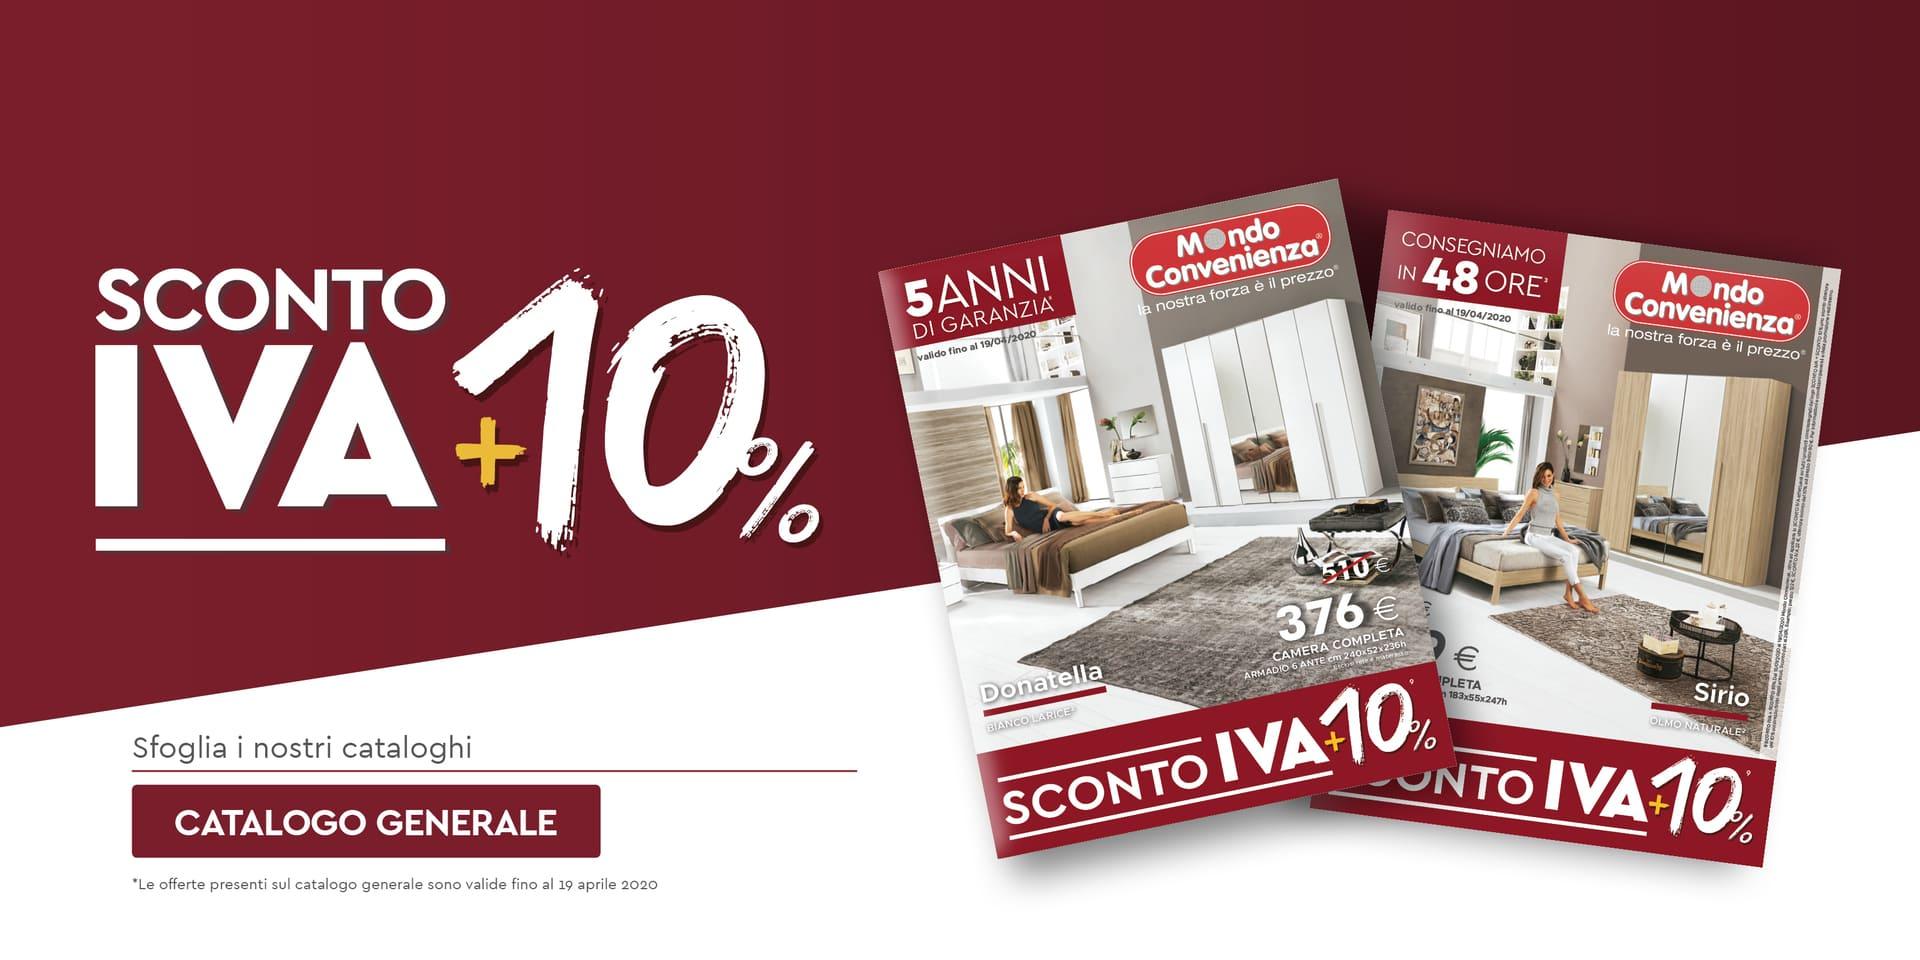 Sconto IVA + 10%